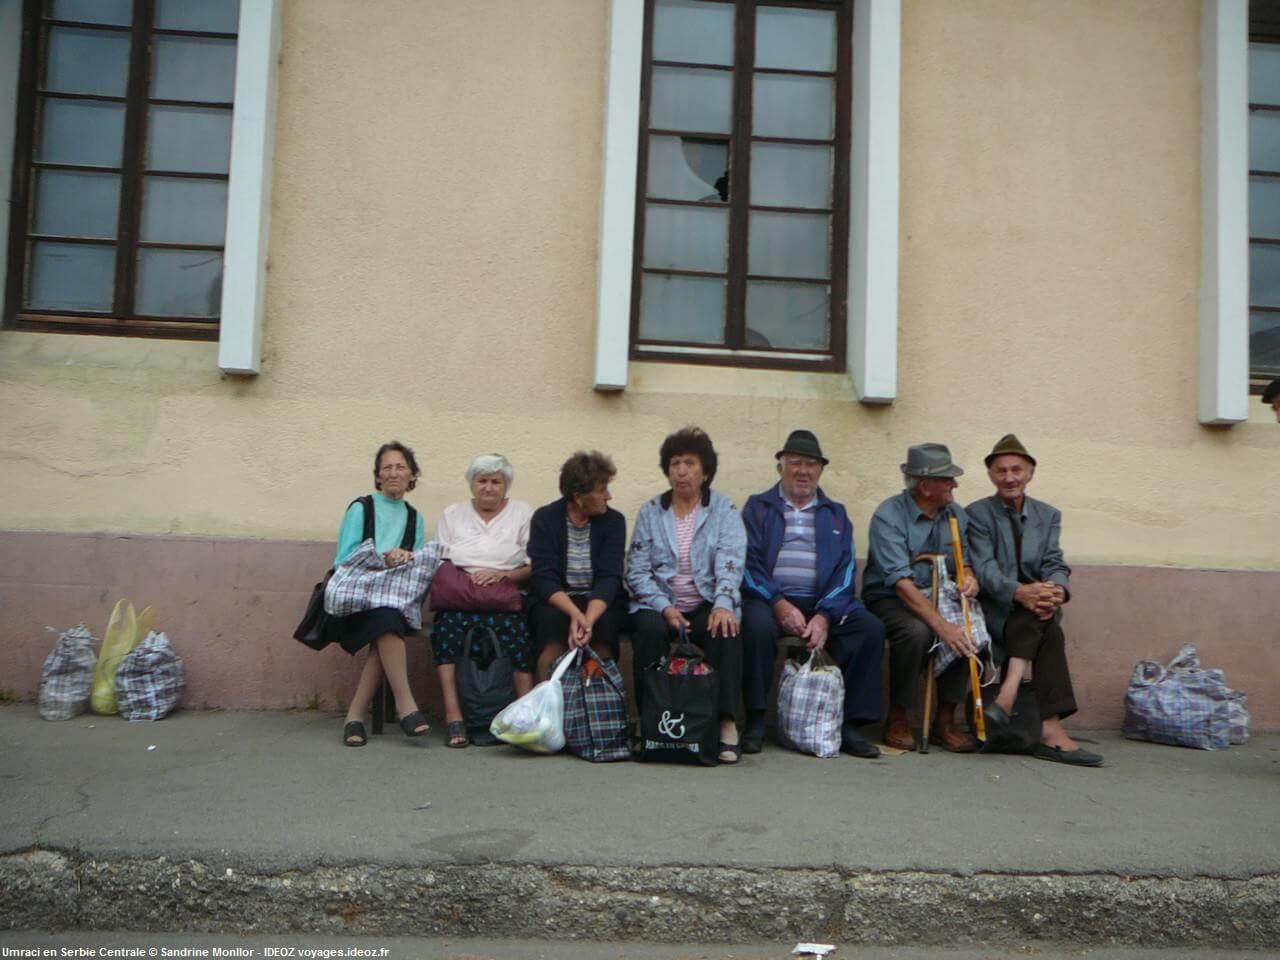 Attendre le bus à Umraci en Serbie centrale près de Mali Pozarevac